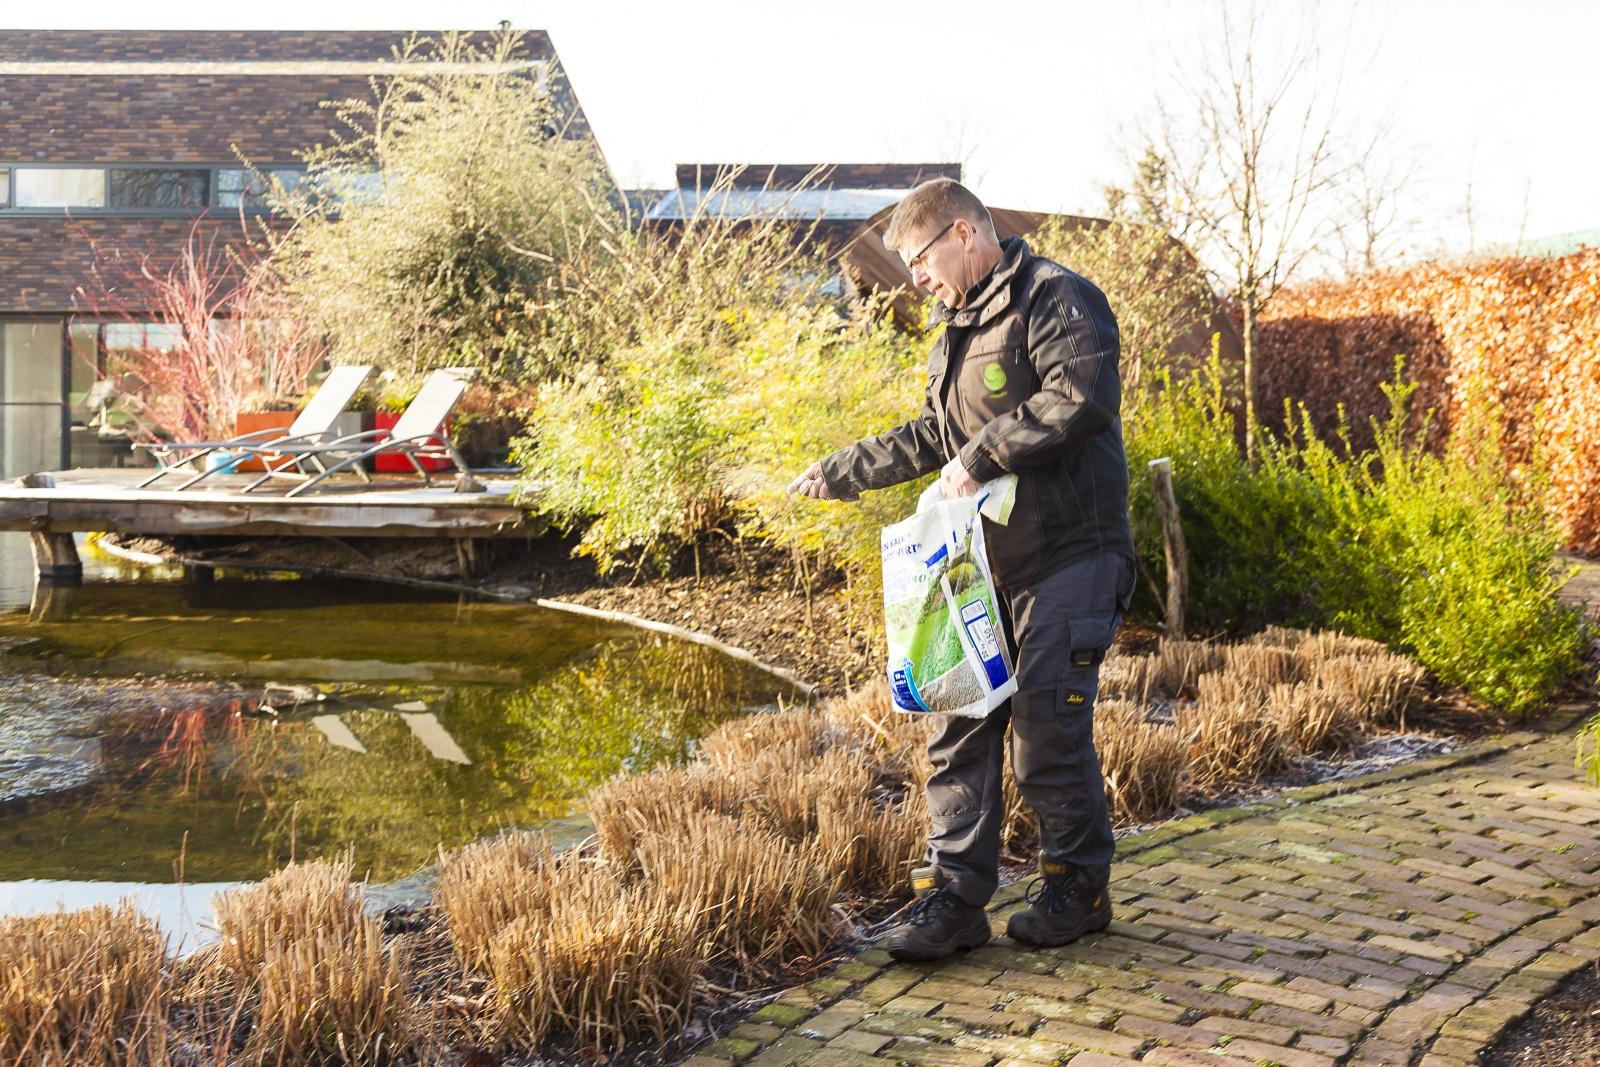 Gert-Jan Schonenberg is kalk aan het strooien in de tuin